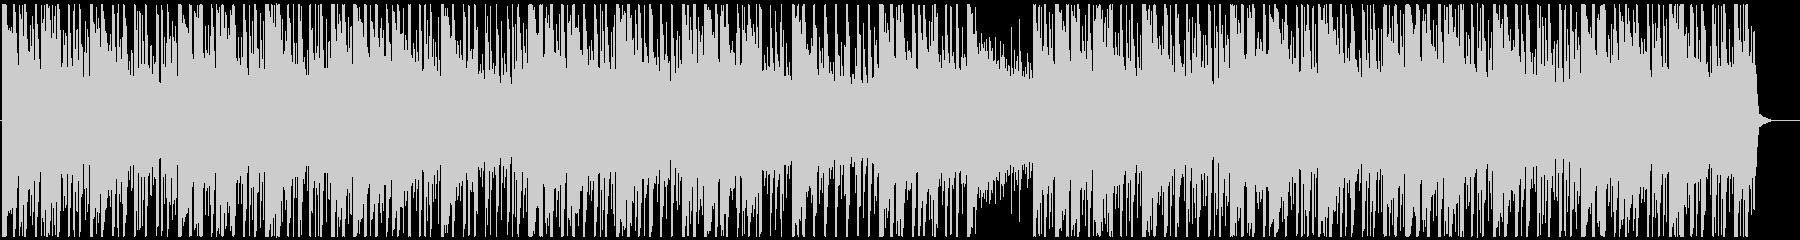 優しいサウンドのトロピカルハウスの未再生の波形